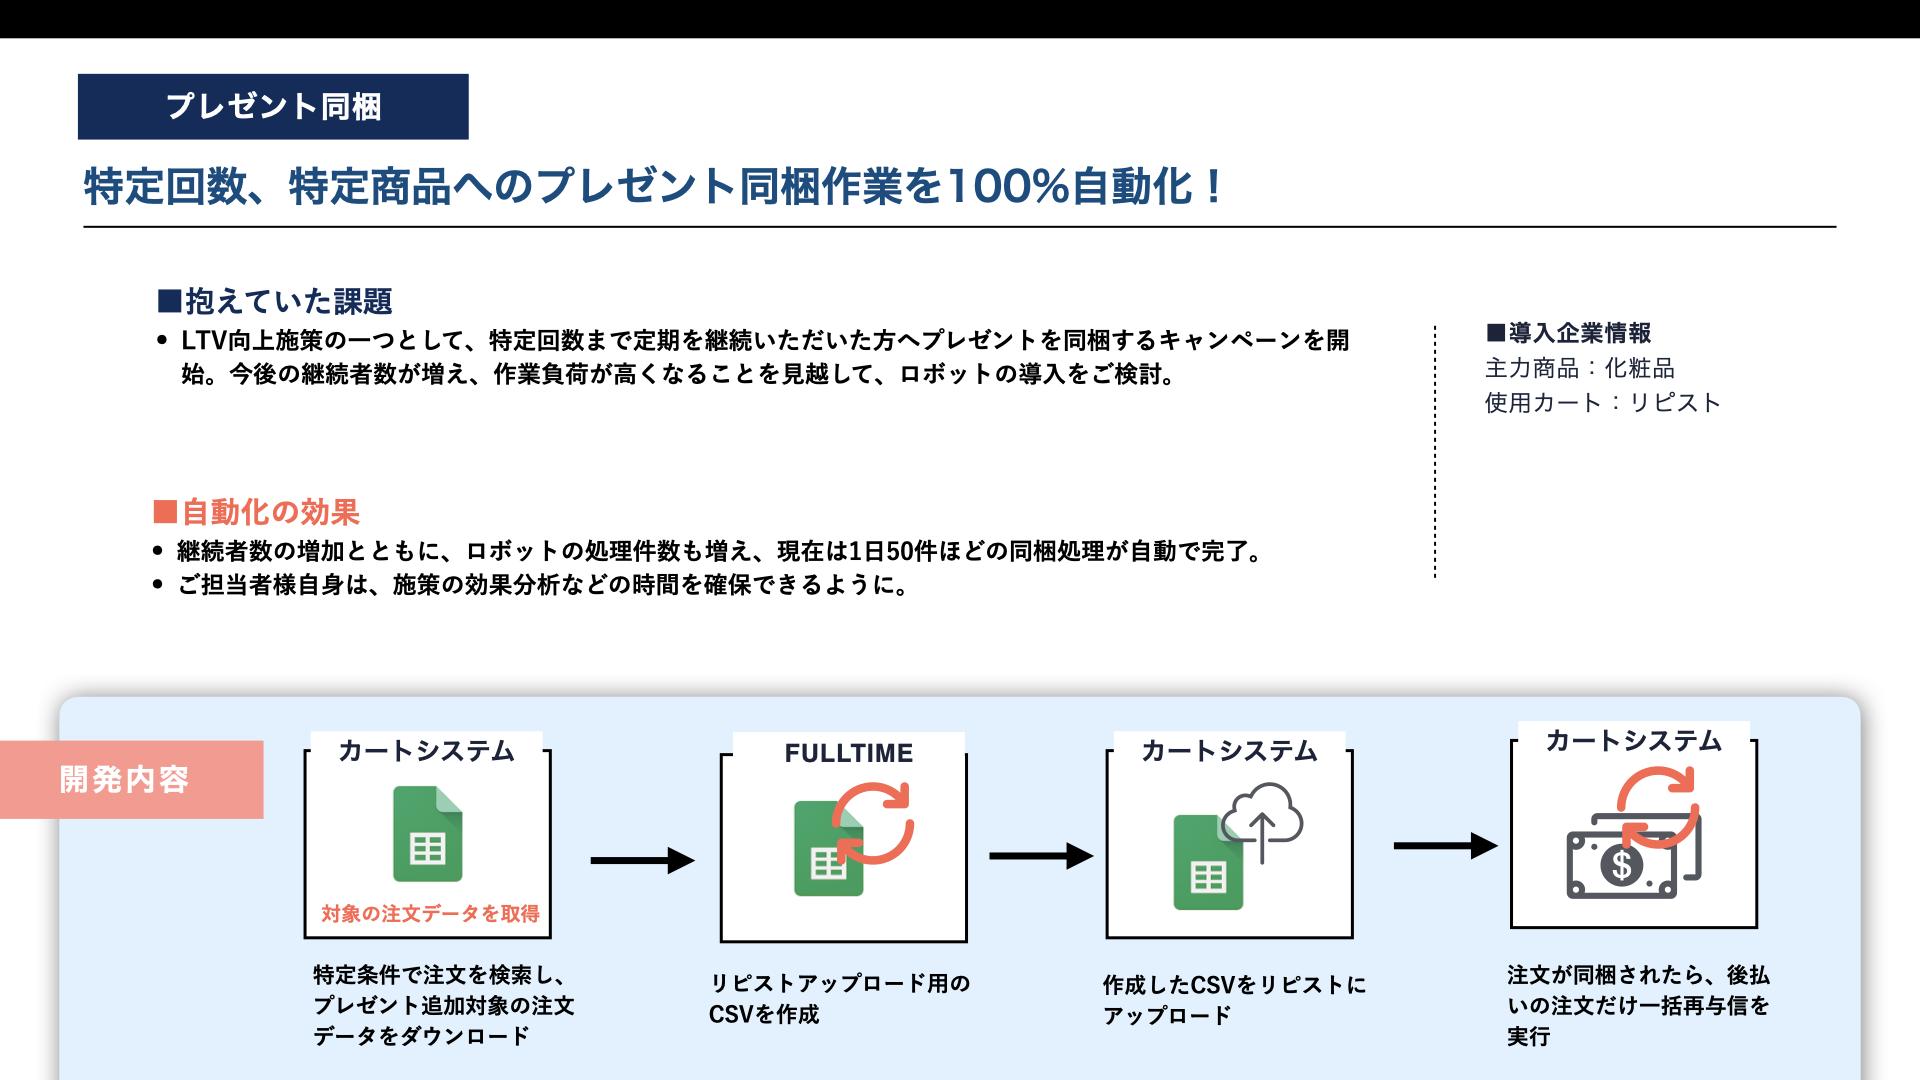 FULLTIME_サービス資料_v2.024